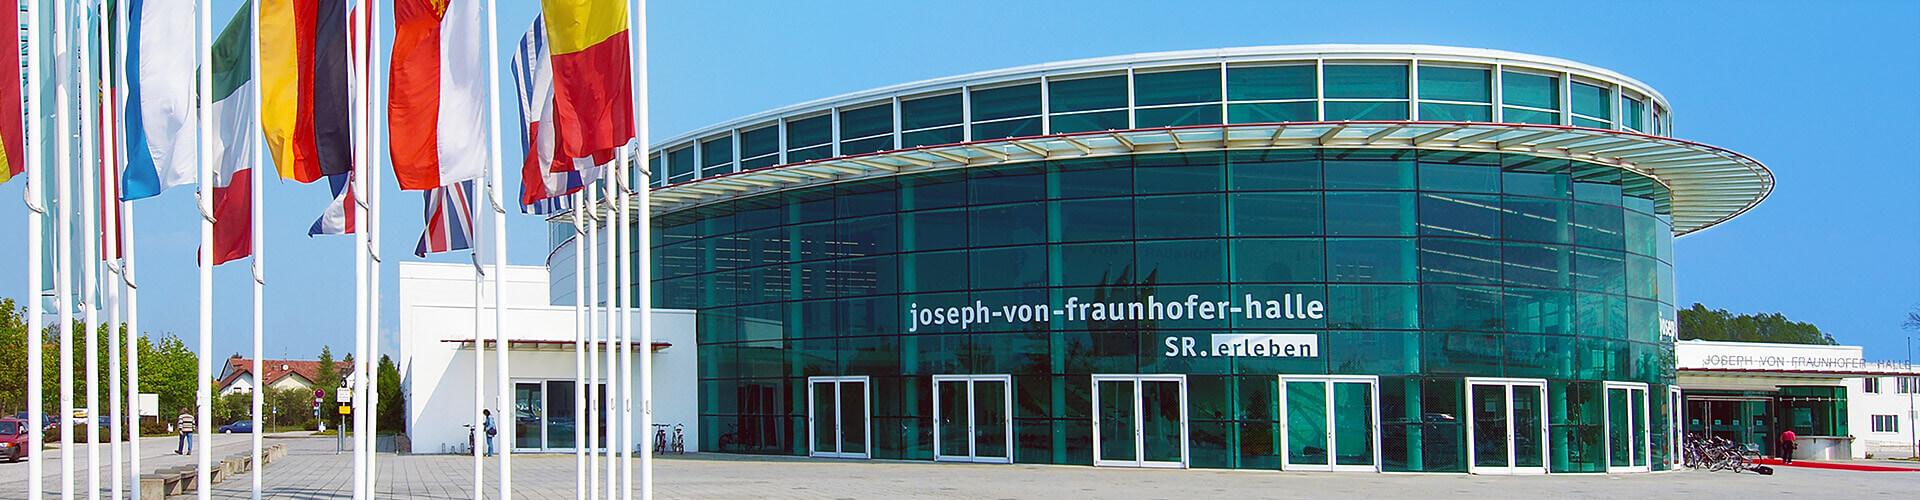 Die Fassade der Joseph von Fraunhoferhalle mit verschiedenen Länderflaggen im Vordergrund